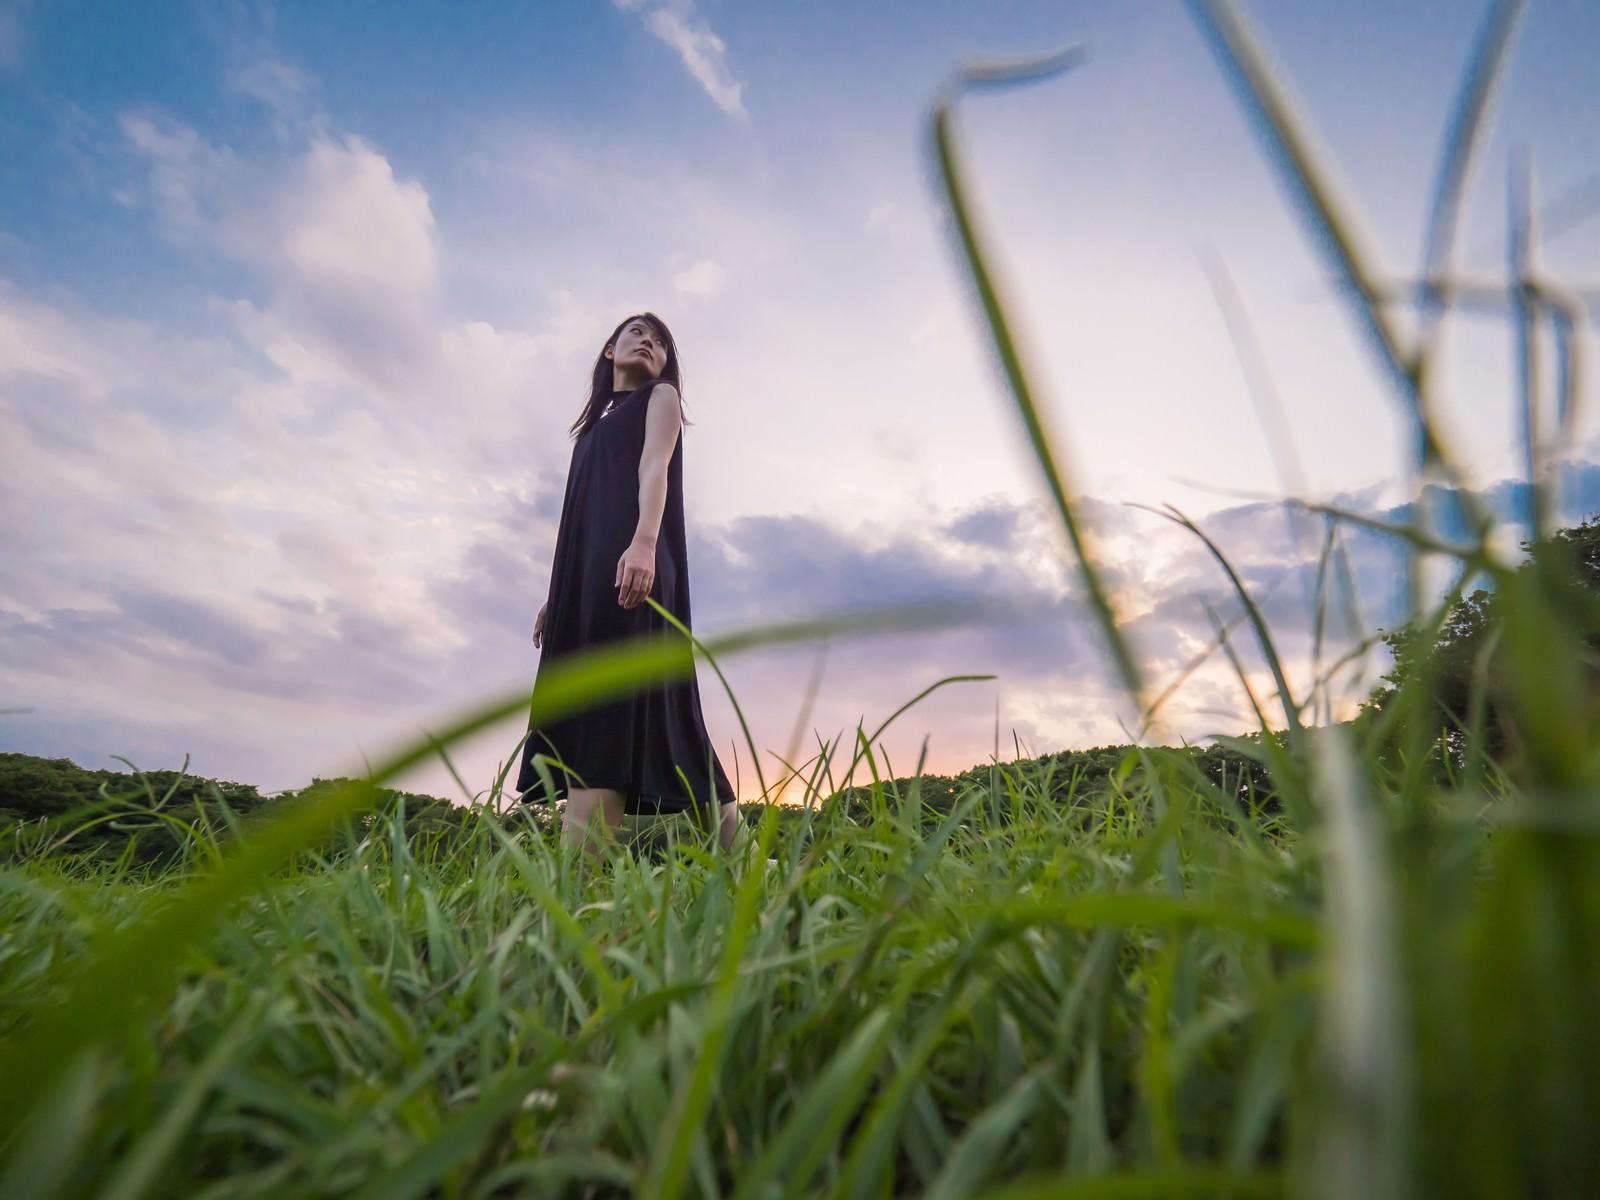 「公園を彷徨く黒いワンピースのおねえさん」の写真[モデル:たけべともこ]